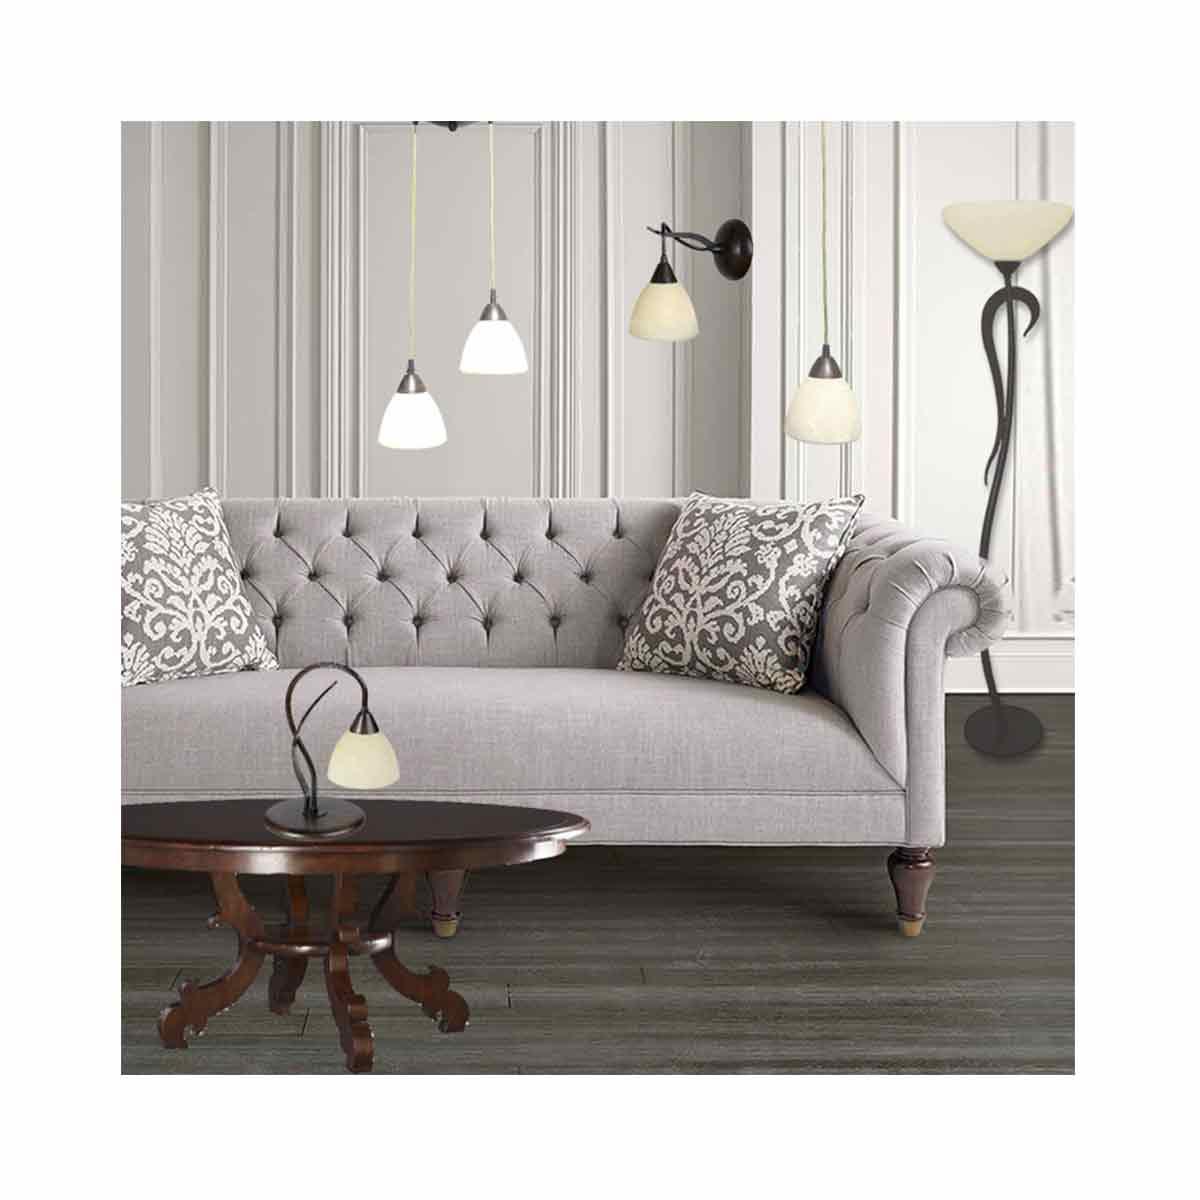 Stona lampa S-NL-0506/1L